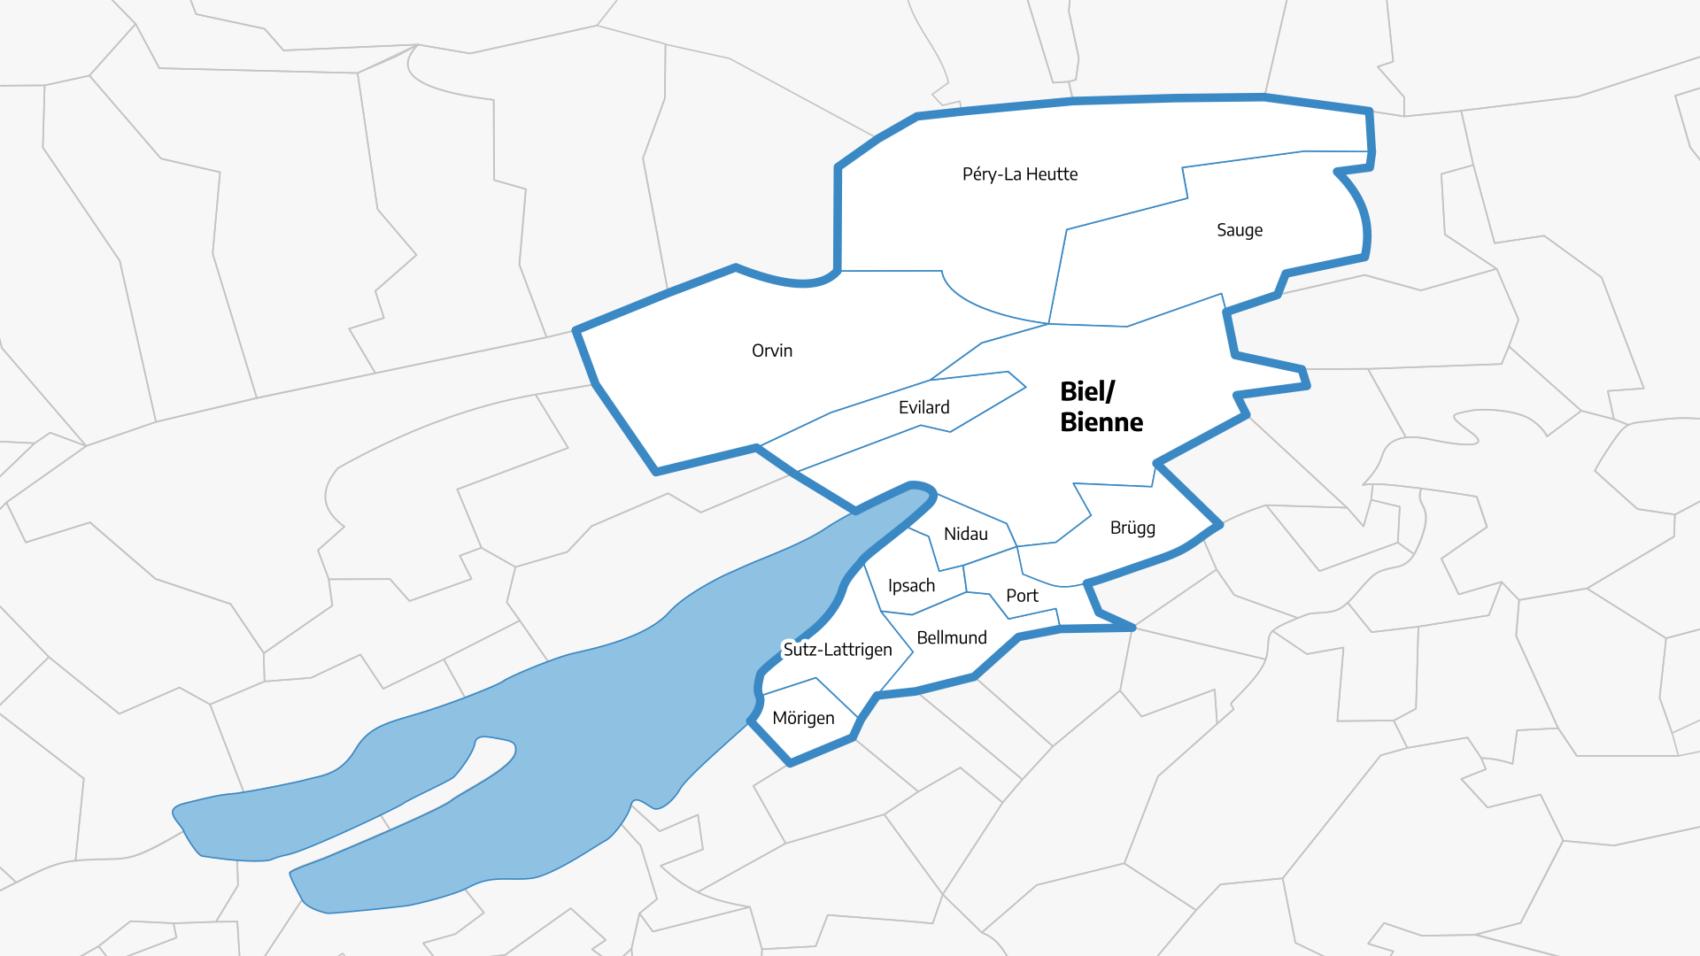 Karte zum Einzugsgebiet der ARA Biel